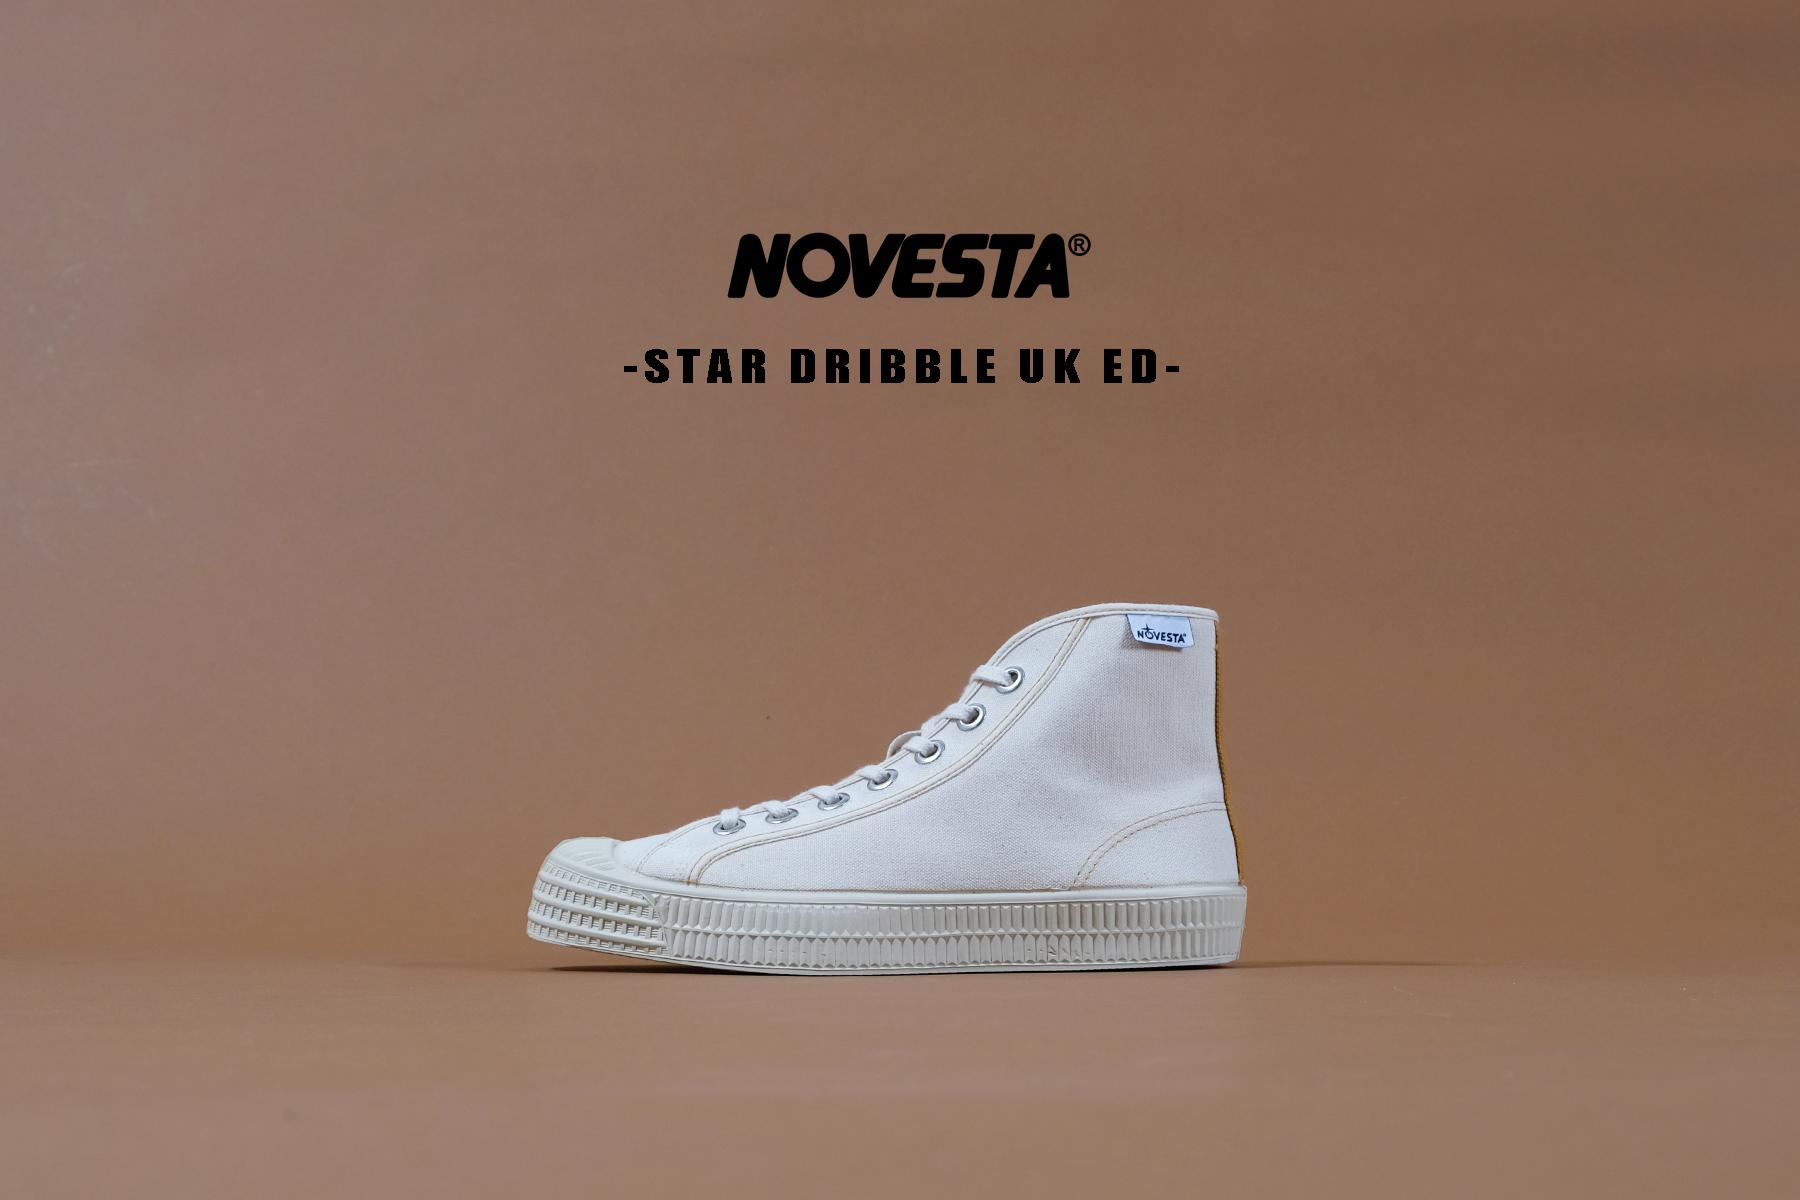 NOVESTA|ノヴェスタ POP-UP EVENT